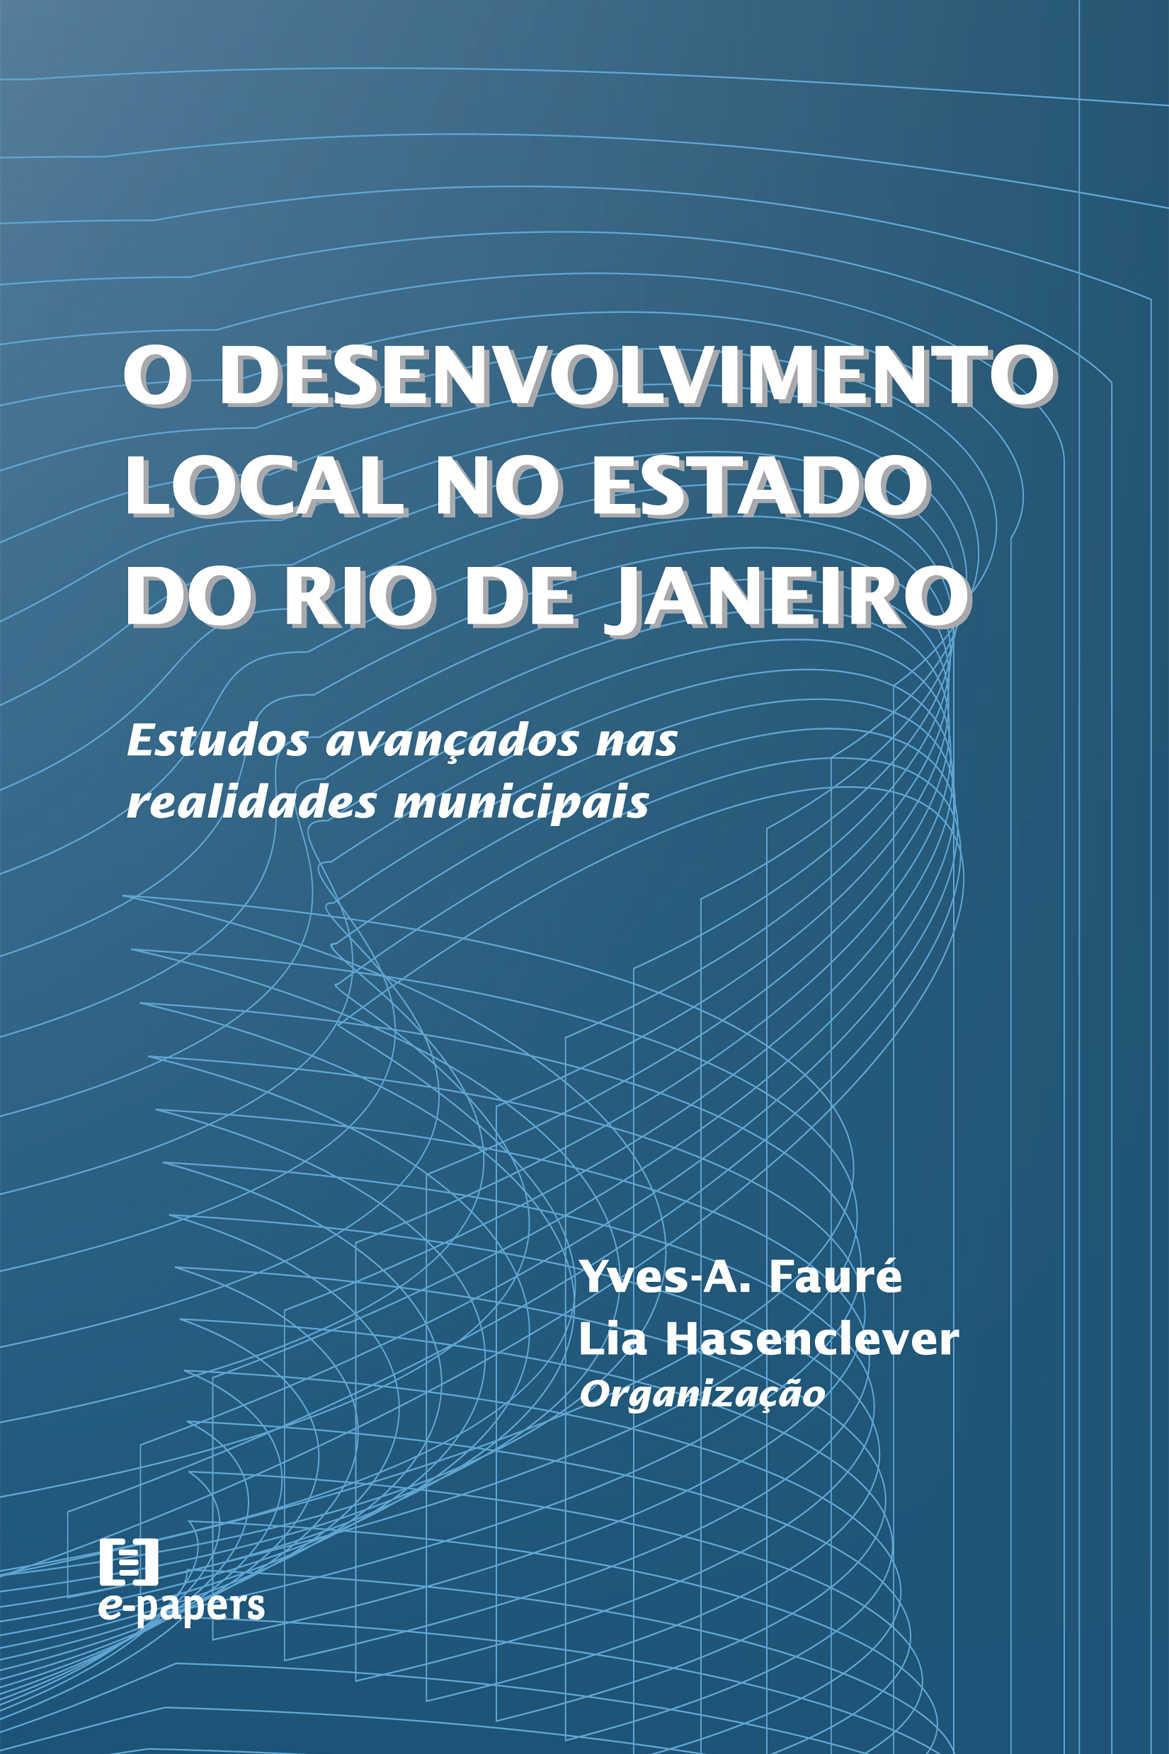 O Desenvolvimento Local no Estado do Rio de Janeiro: Estudos avançados nas realidades municipais